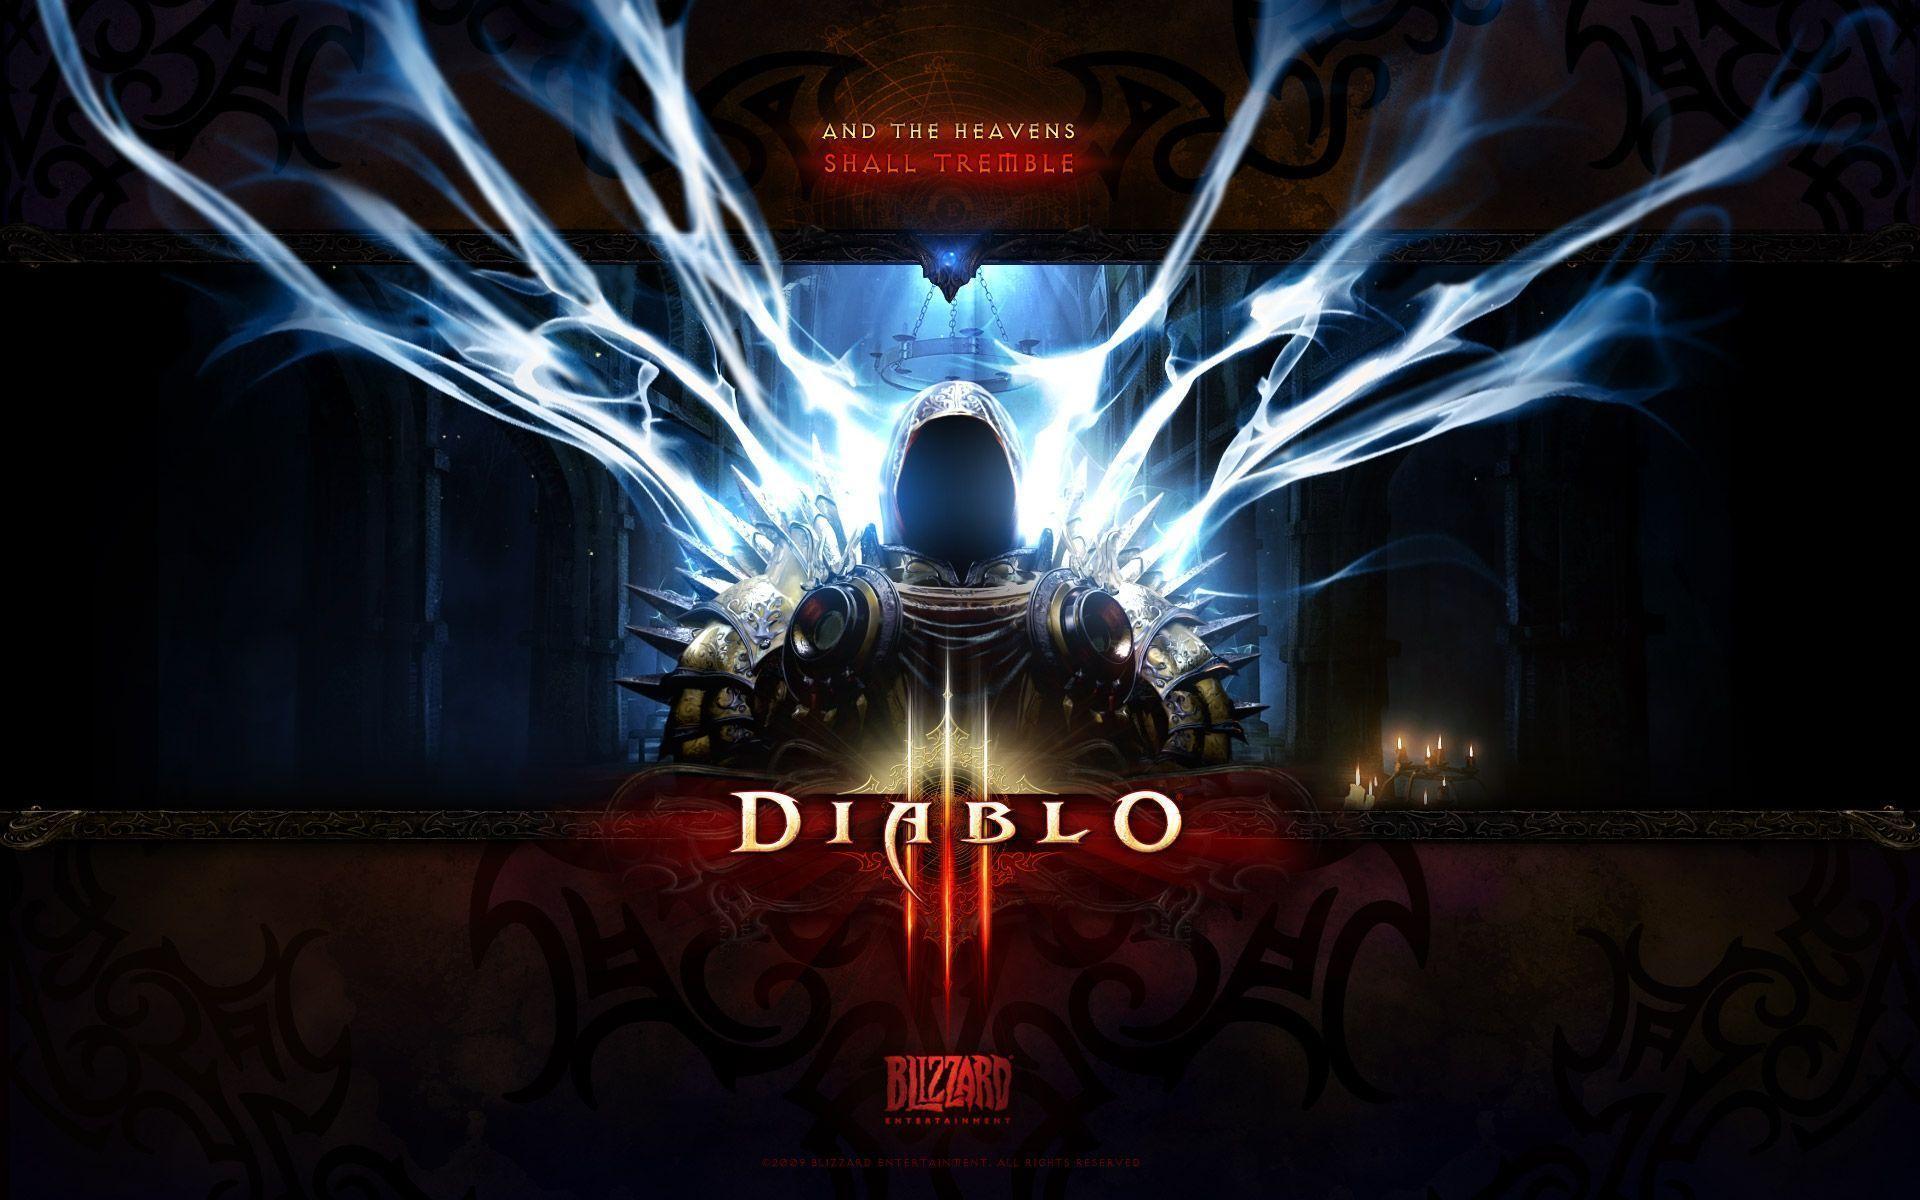 Diablo3 Wallpapers - Full HD wallpaper search